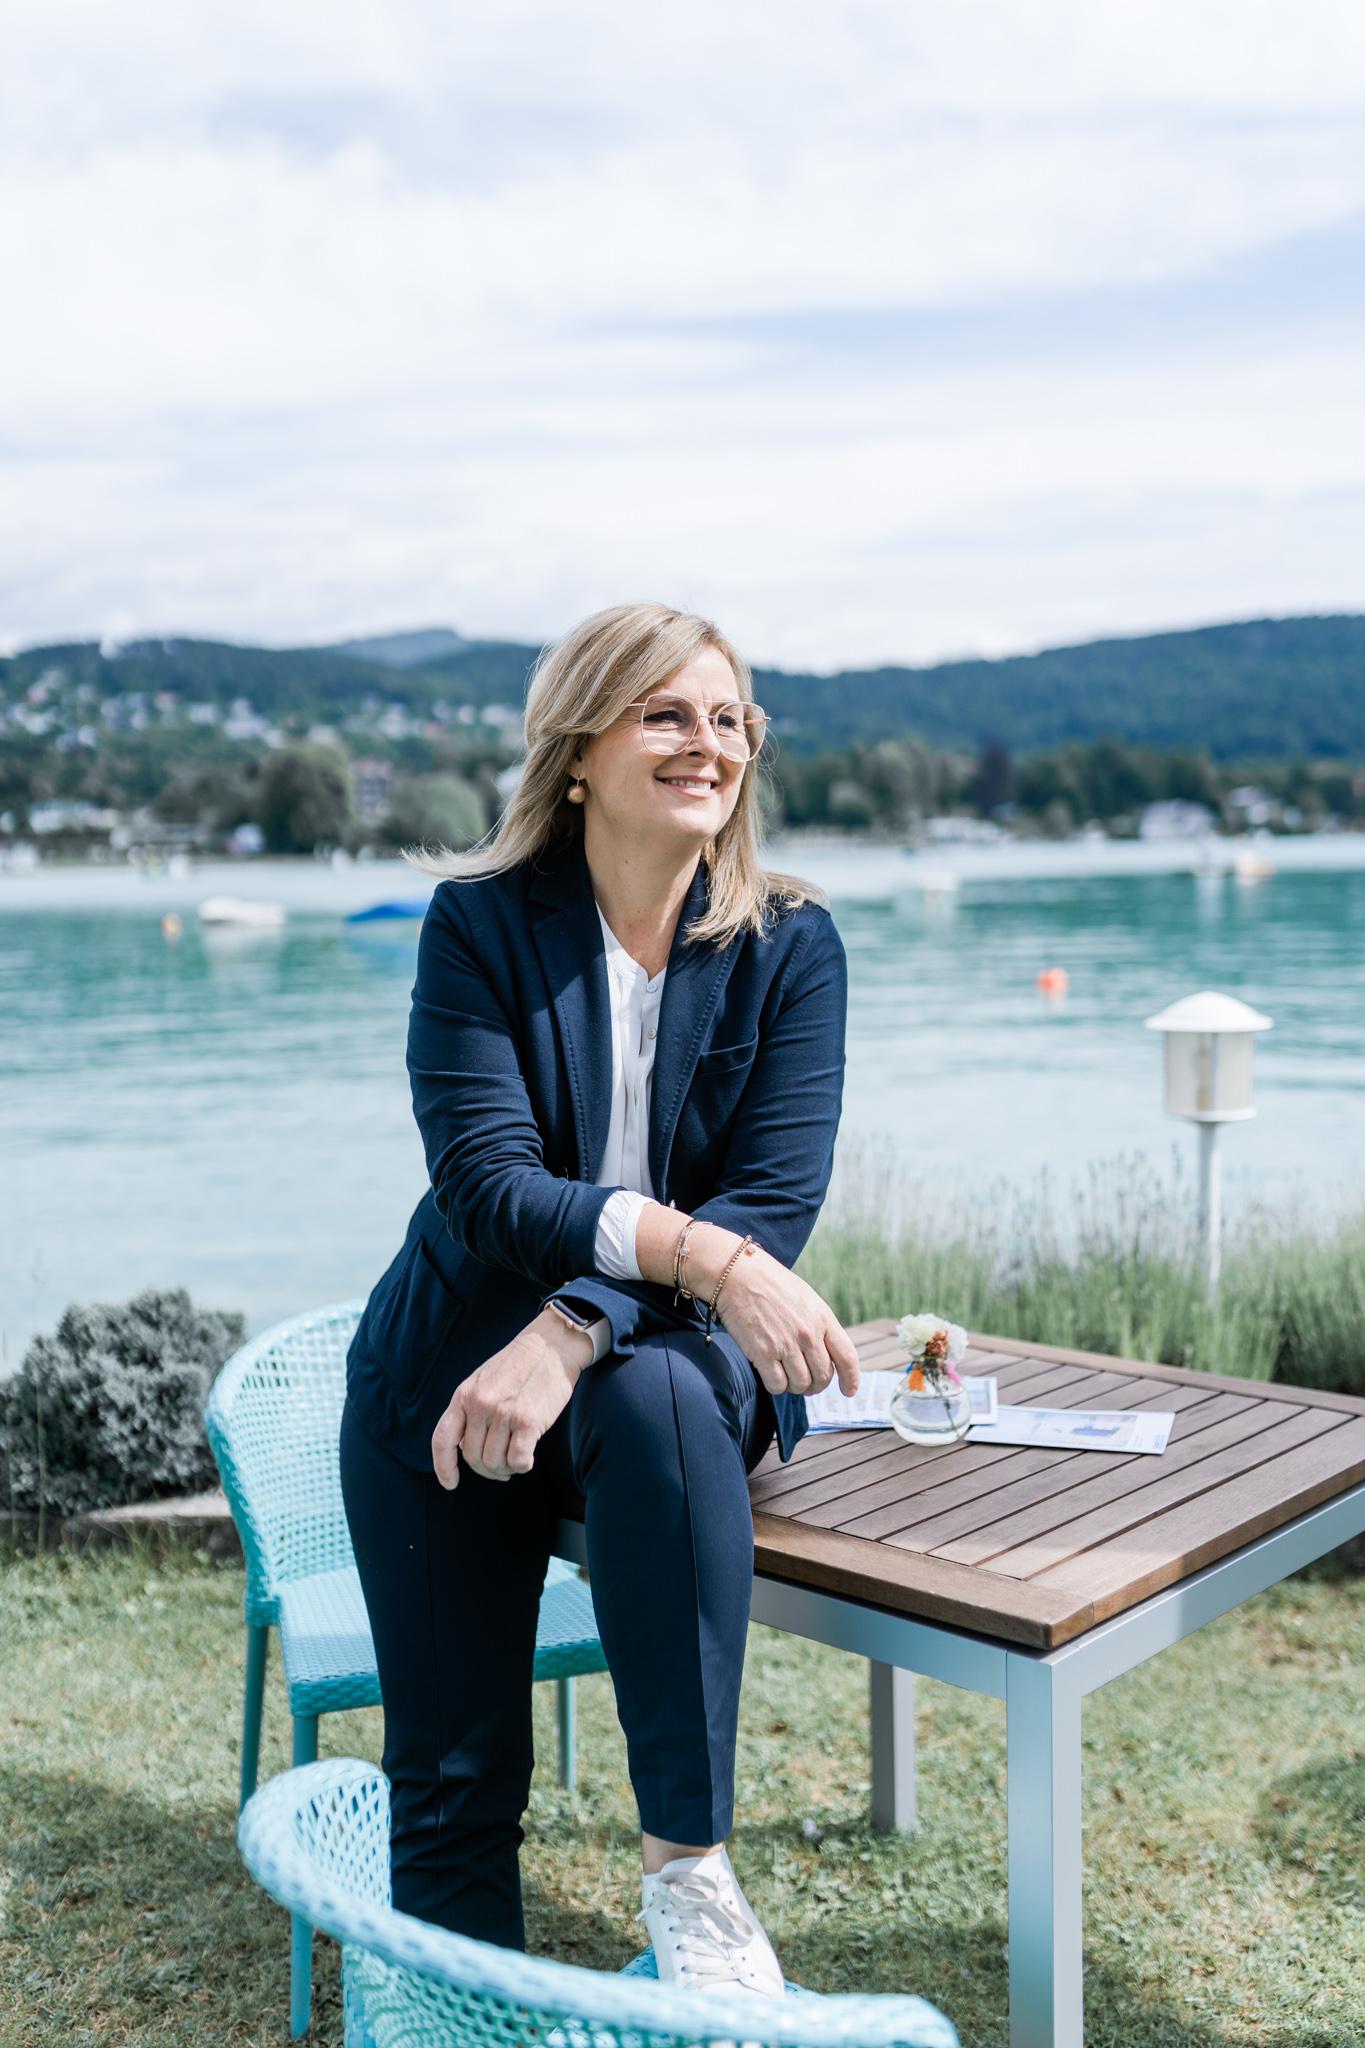 Heide Pichler-Herritsch Seebnb